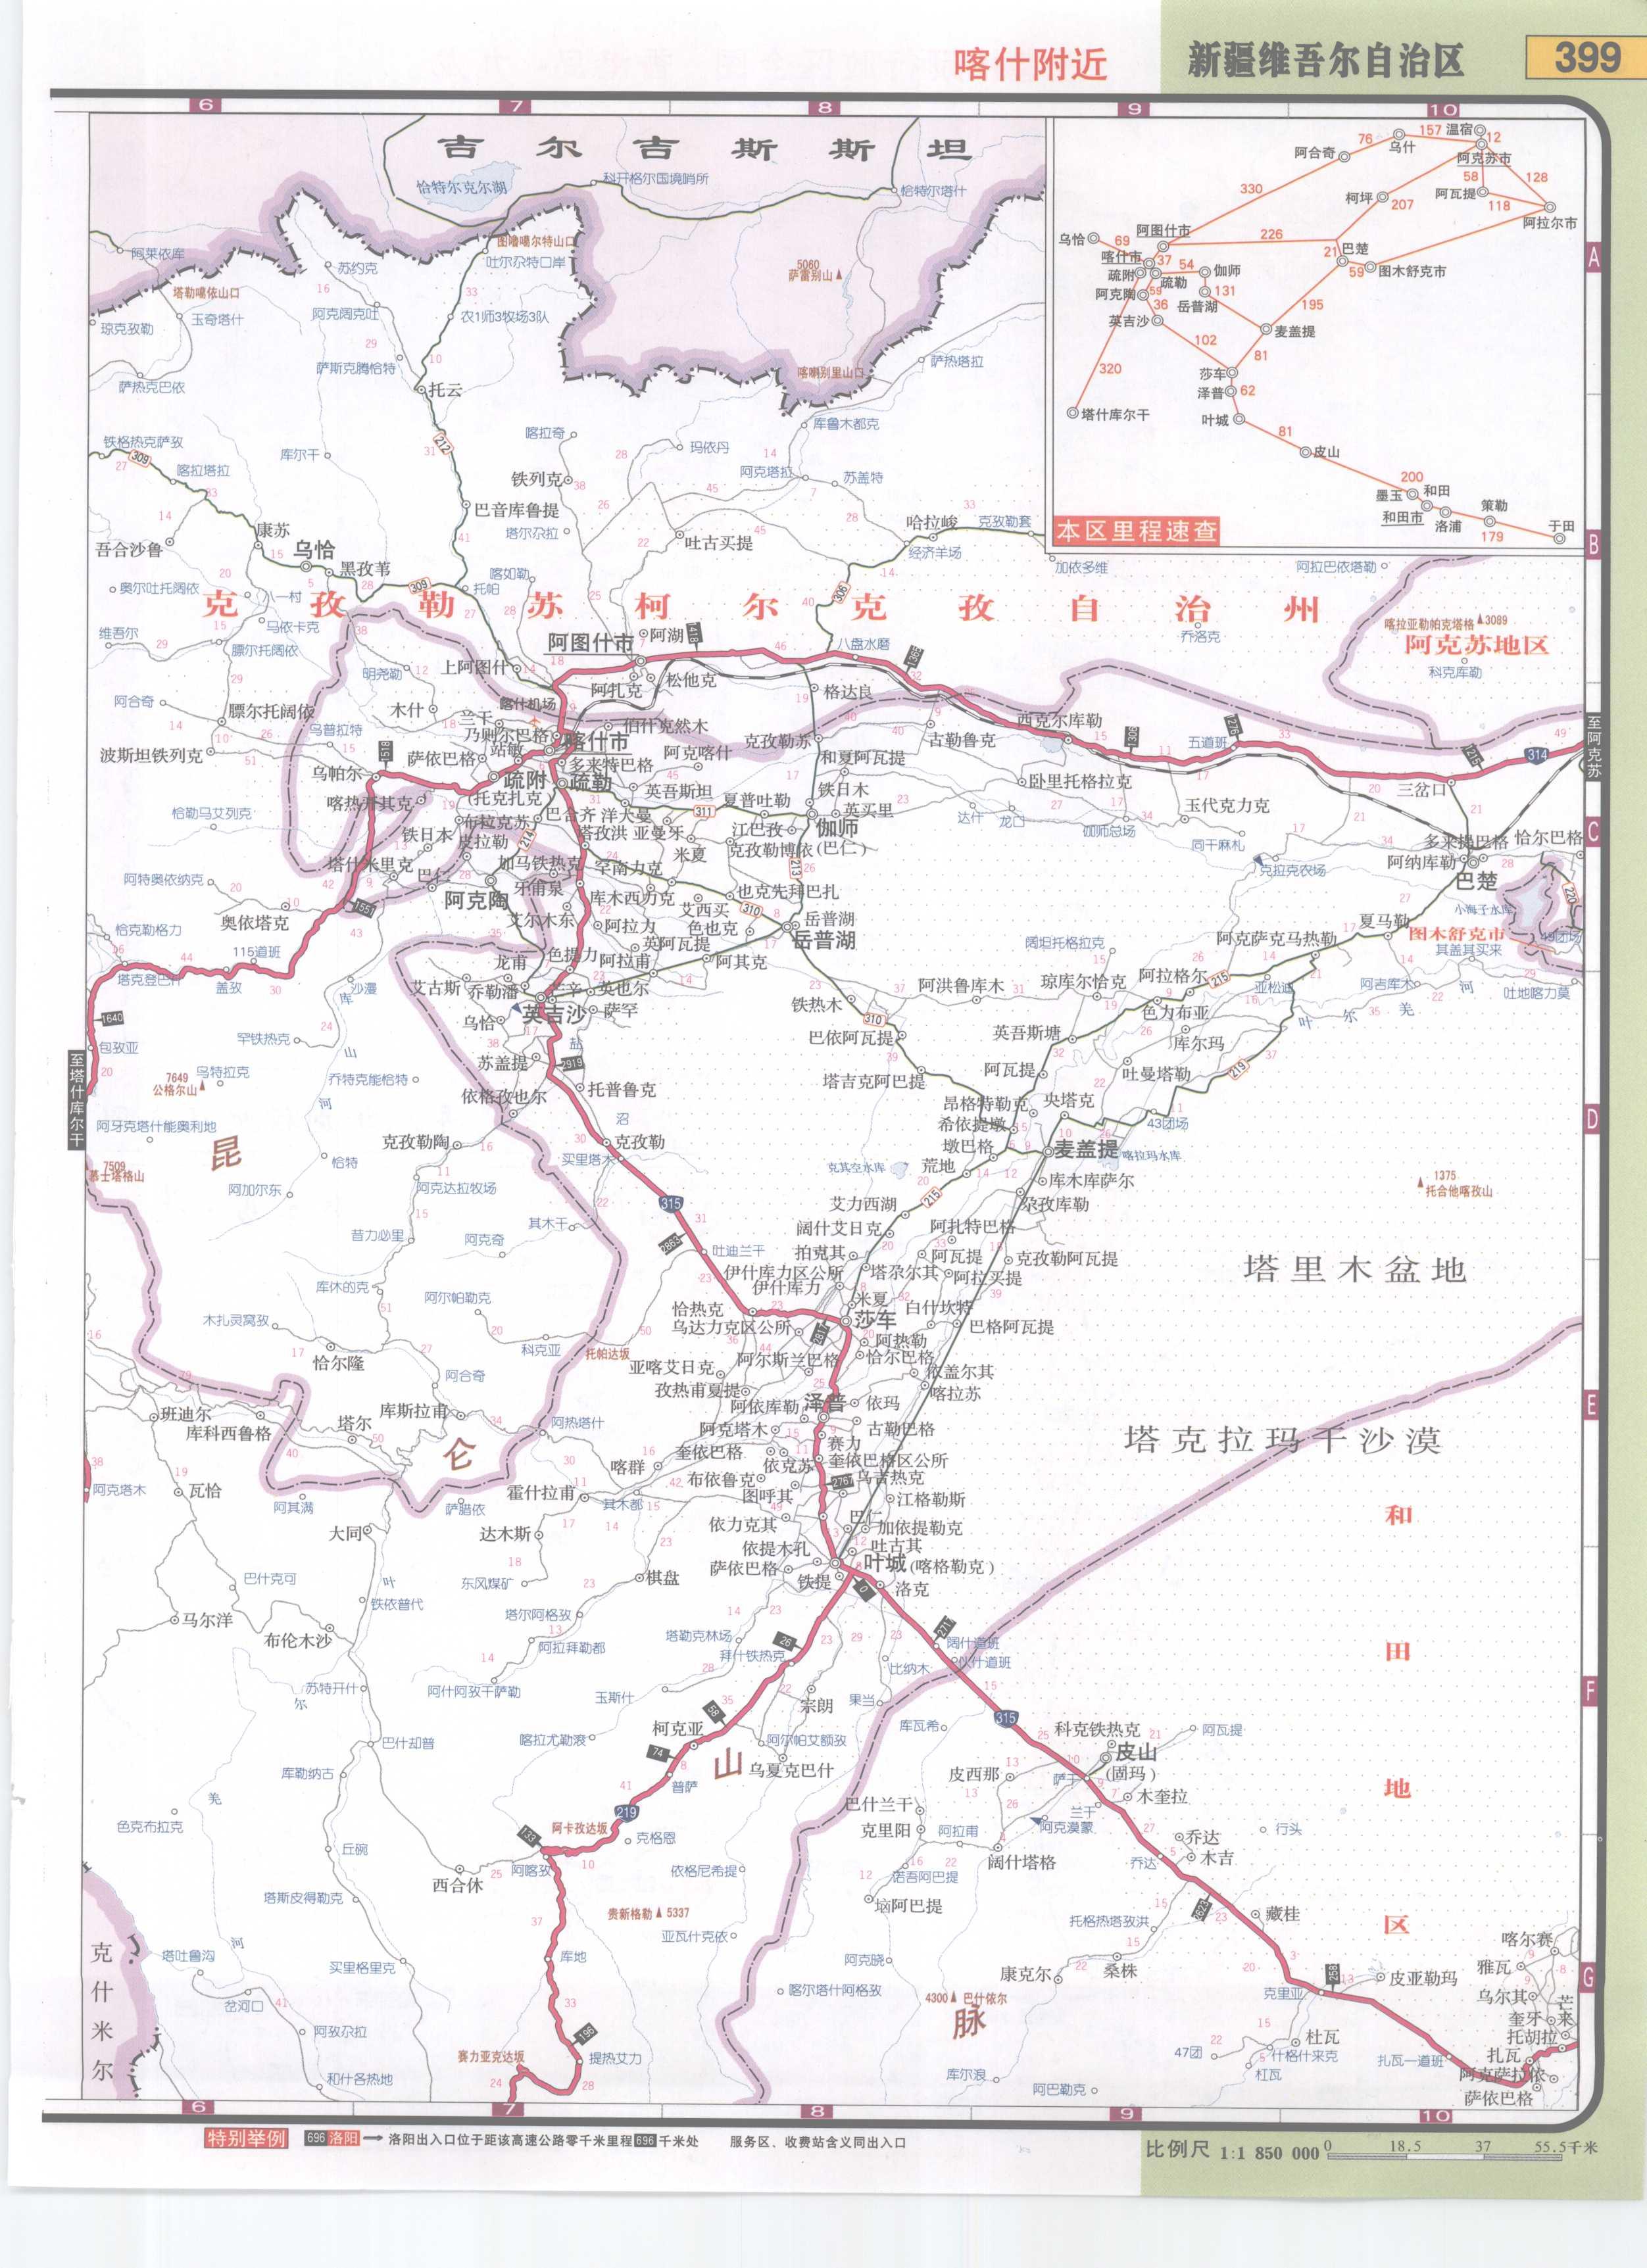 新疆喀什周边高速公路网